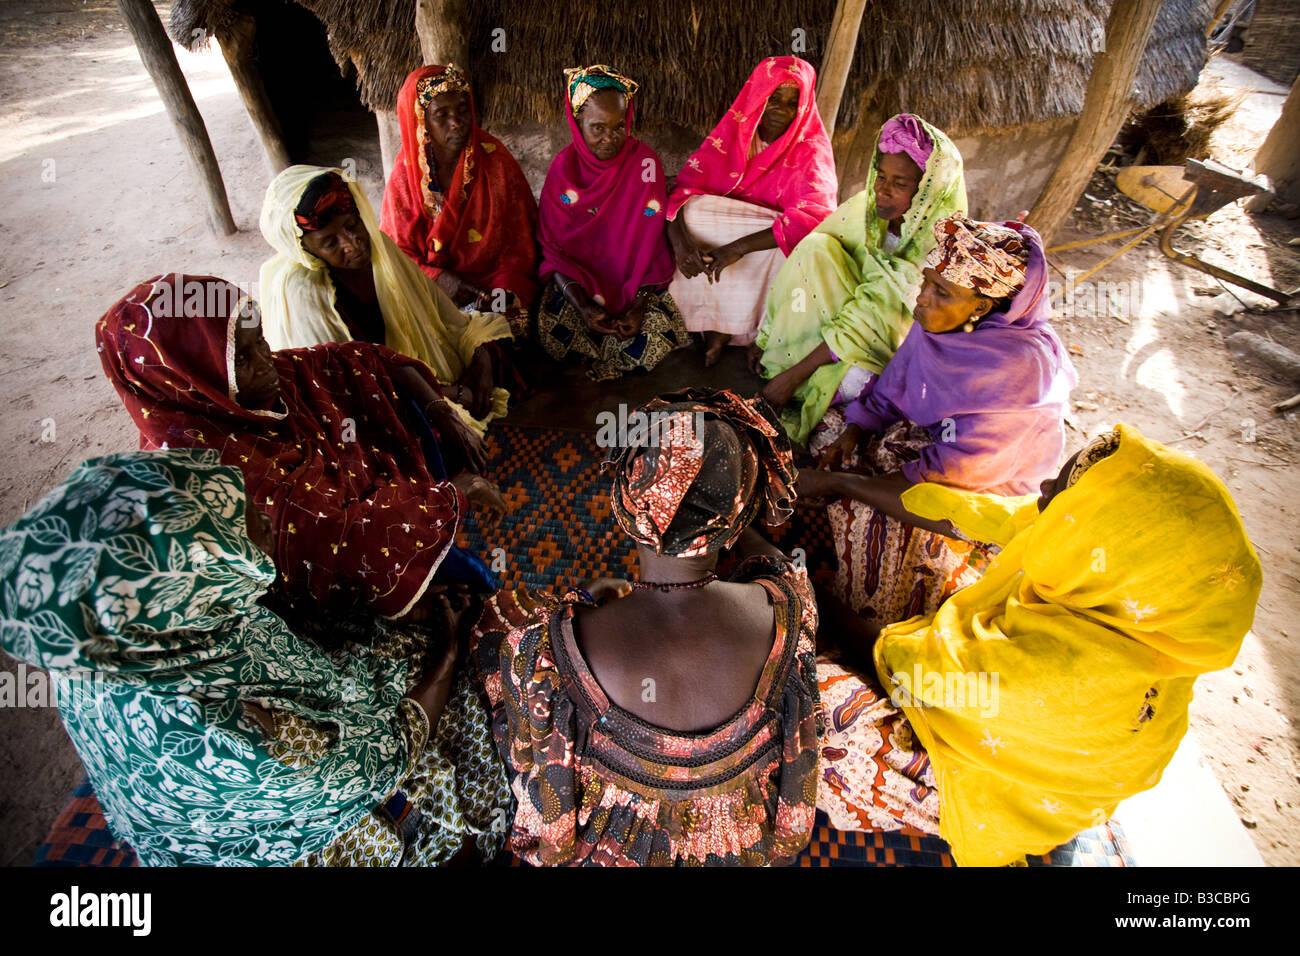 Un grupo de mujeres se reúnen para discutir en la aldea de Darou Hidjeratou, Senegal Imagen De Stock